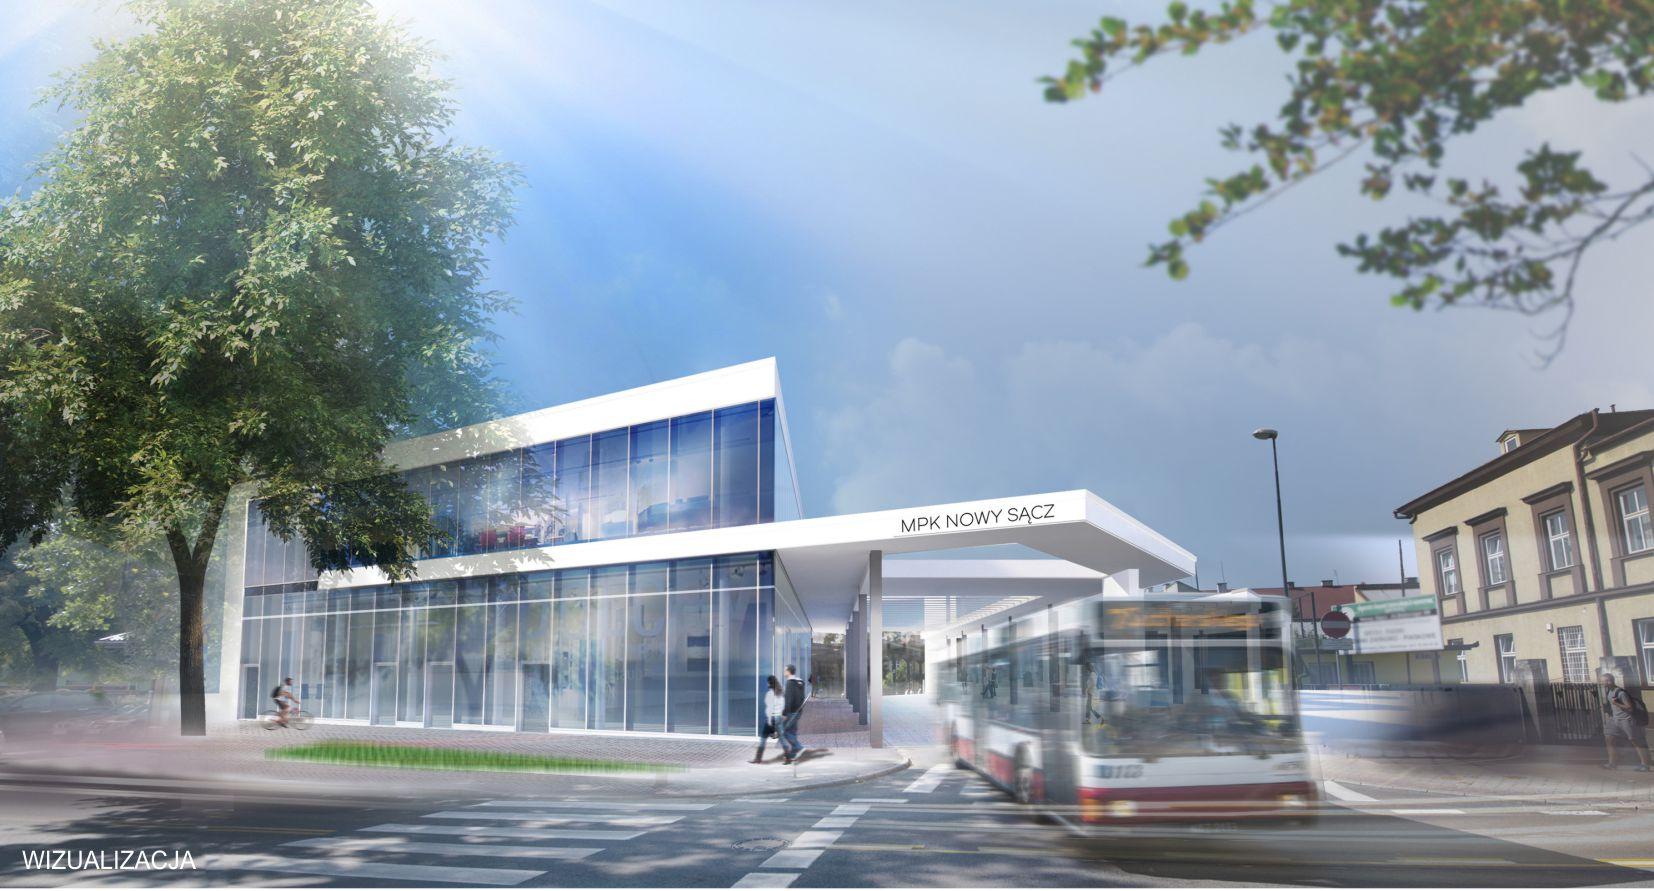 dworzec_MPK_NS_wizualizacja_1